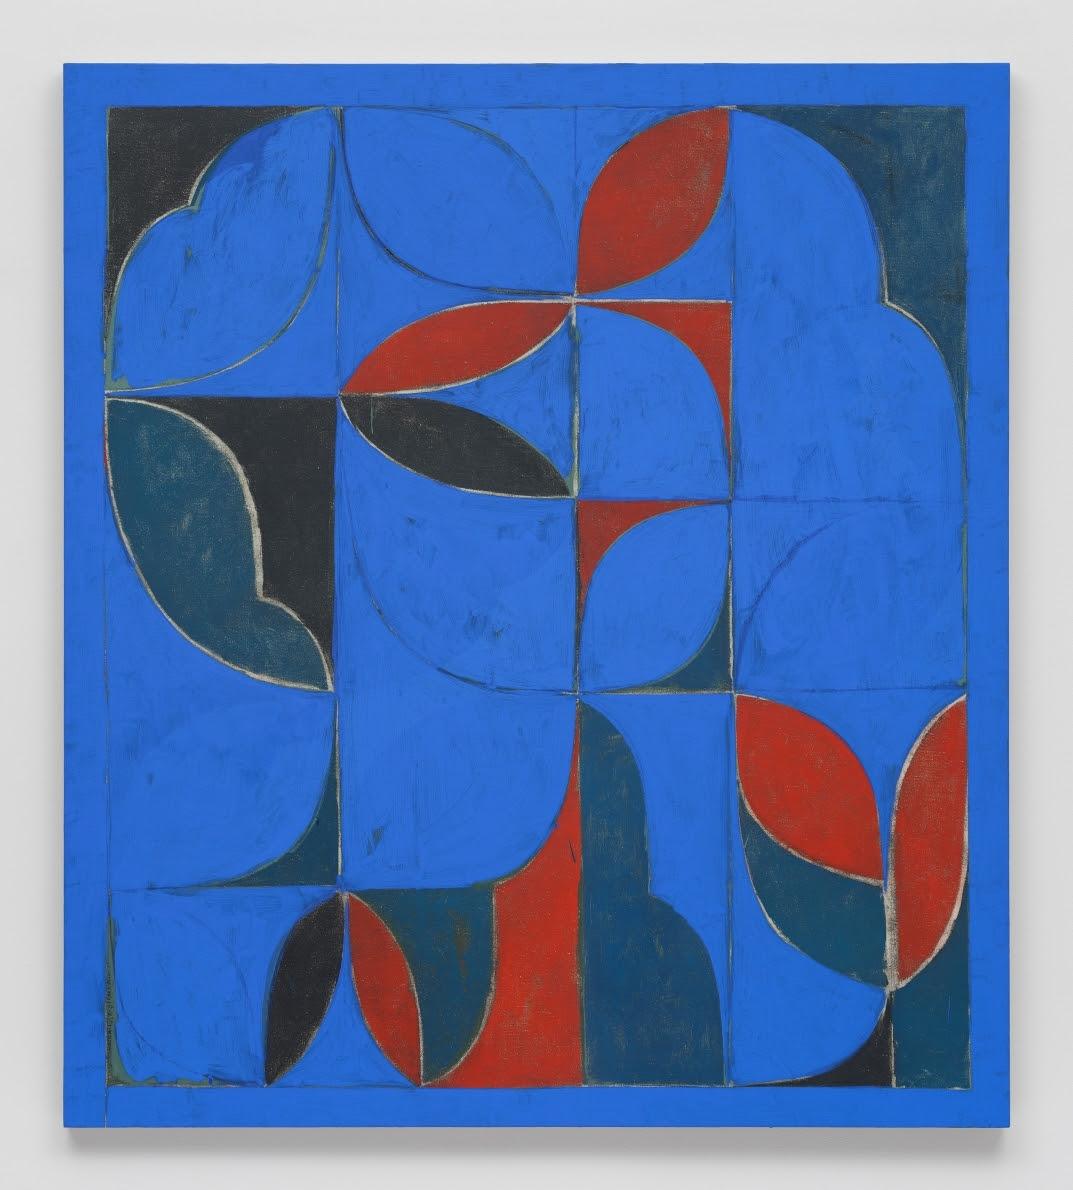 Kamrooz Aram, Untitled (Arabesque Composition), 2021